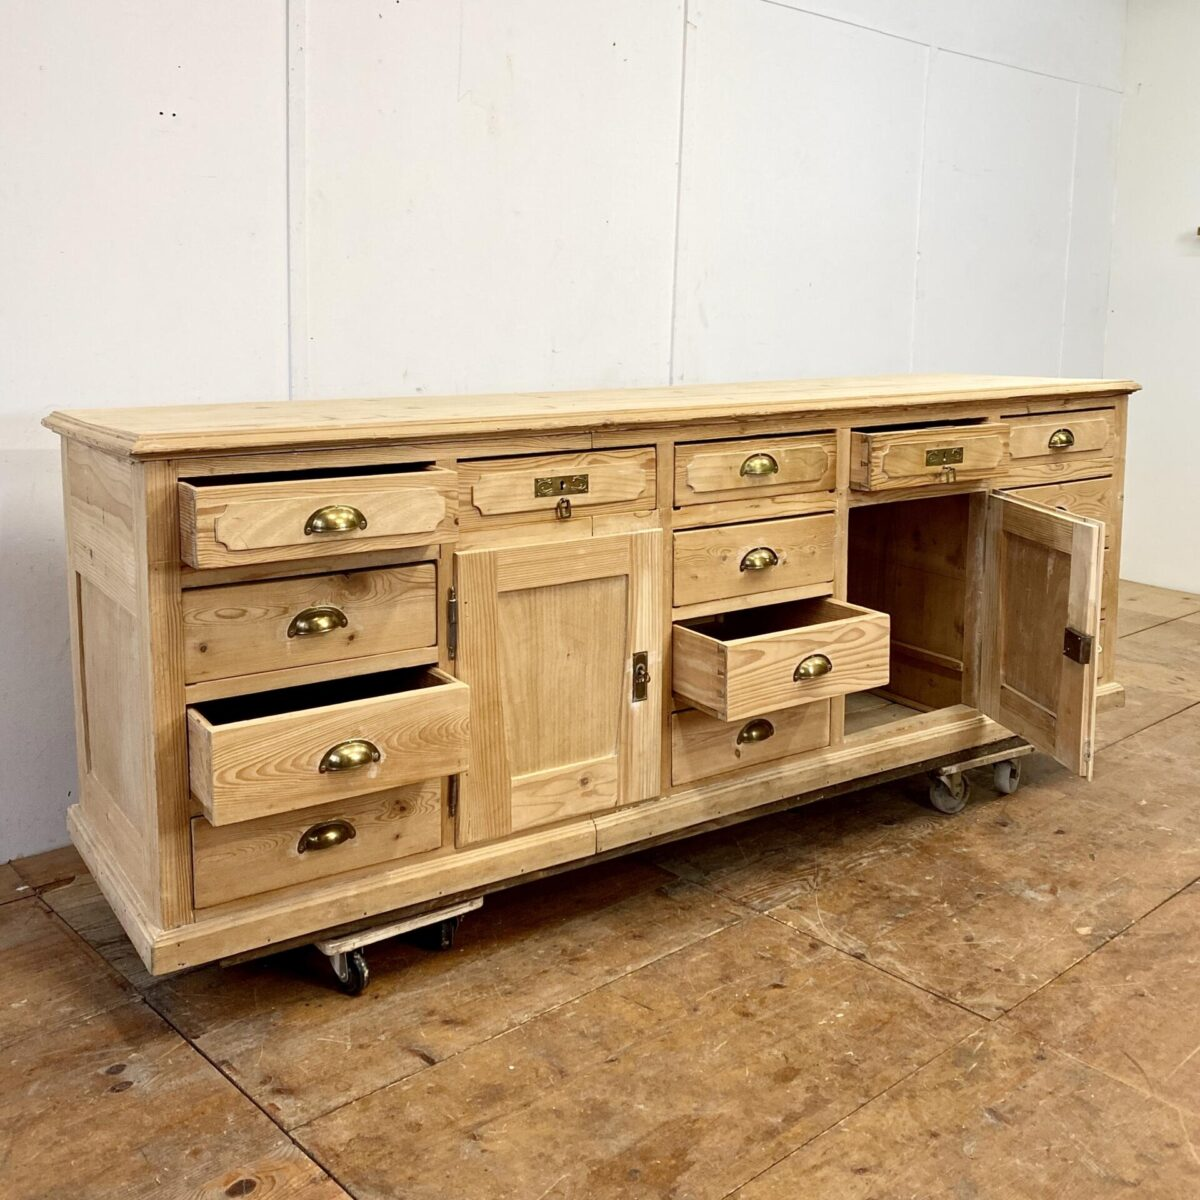 Antikes Tannenholz Schubladenmöbel. 234x65cm Höhe 81cm. Die Schubladen mit den Muschelgriffen laufen alle gut. Dieser Schubladenkorpus hat auch eine schöne Rückseite mit Füllungen. Und kann somit auch als freistehende Theke, oder Kücheninsel verwendet werden.